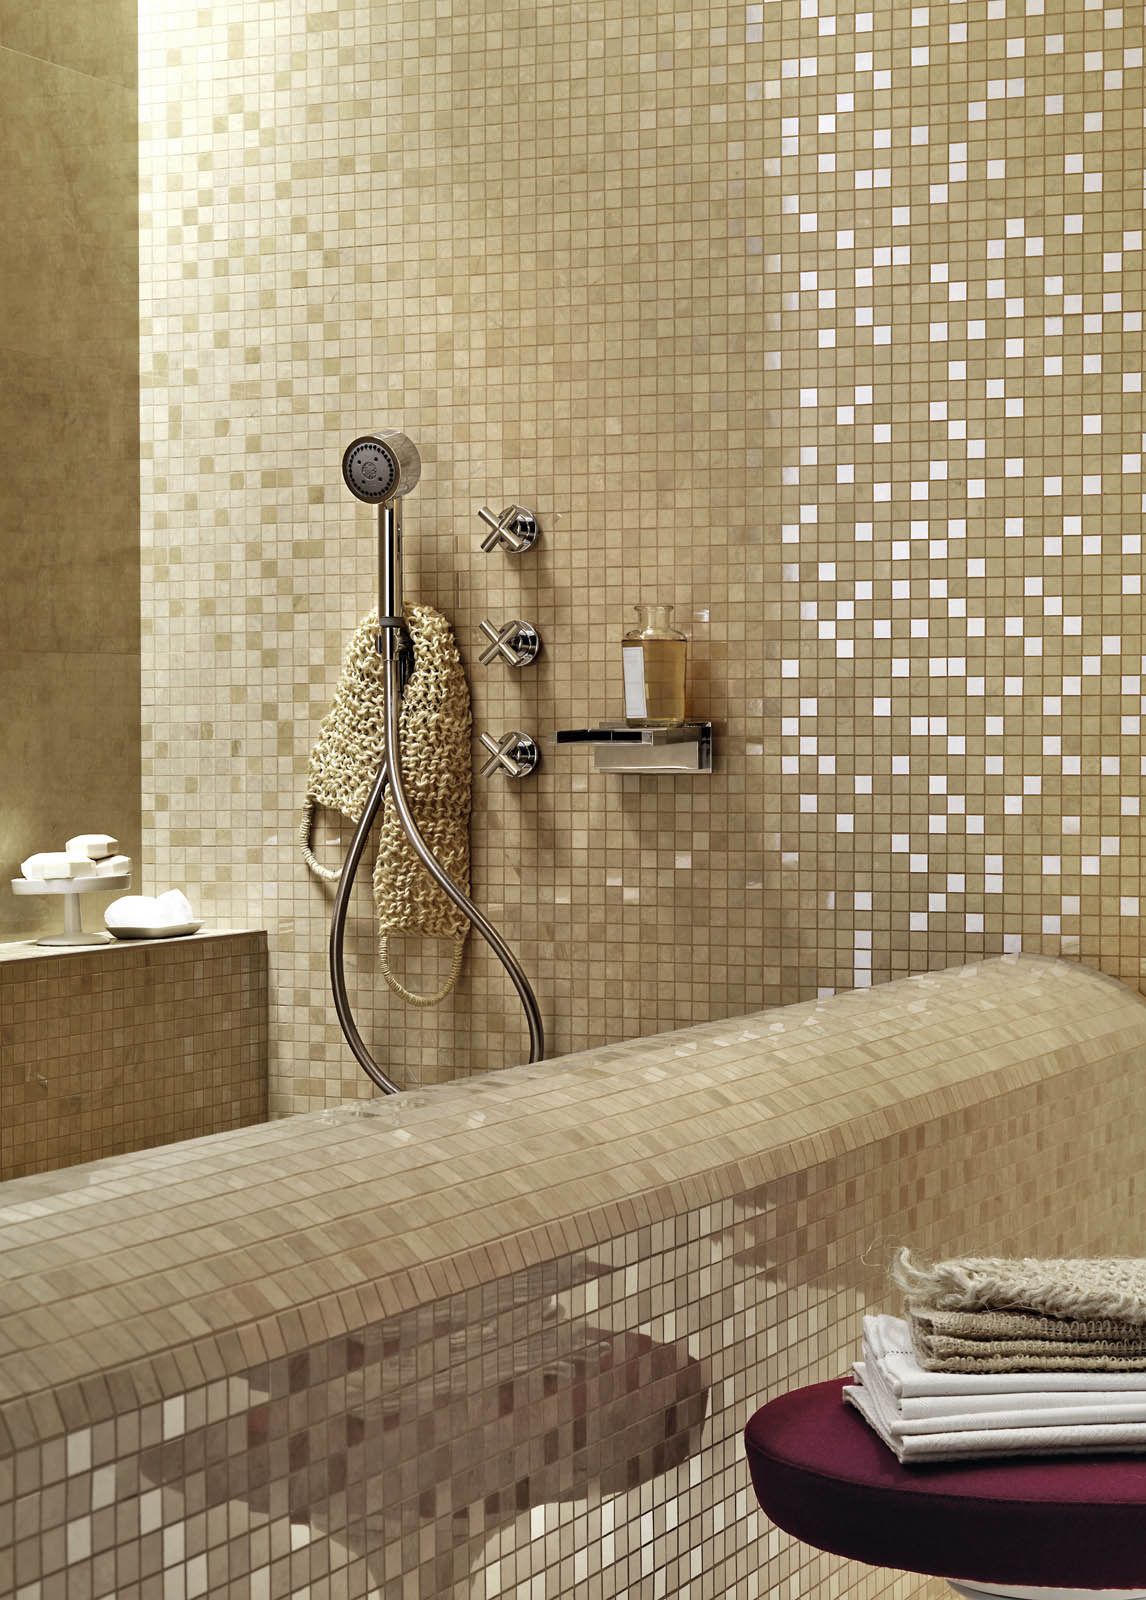 Piastrelle a mosaico per bagno e altri ambienti marazzi - Piastrelle bagno effetto mosaico ...